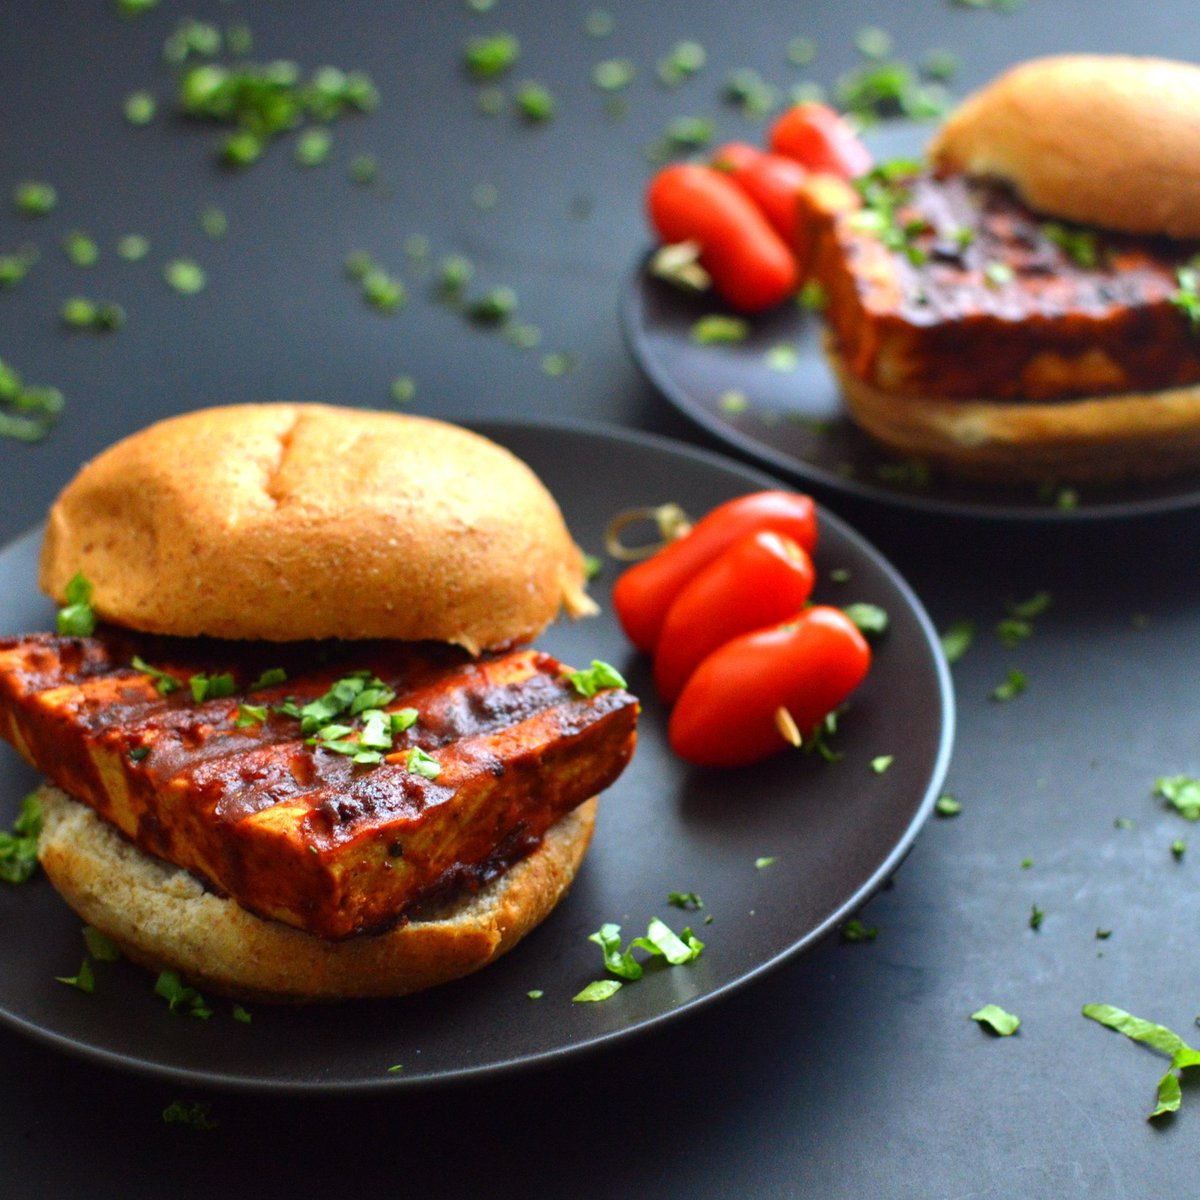 5 Vegan Tofu Recipes! Tofu BBQ Sandwich -  https://t.co/LeQNKs2Far https://t.co/mJakg1I6Nl